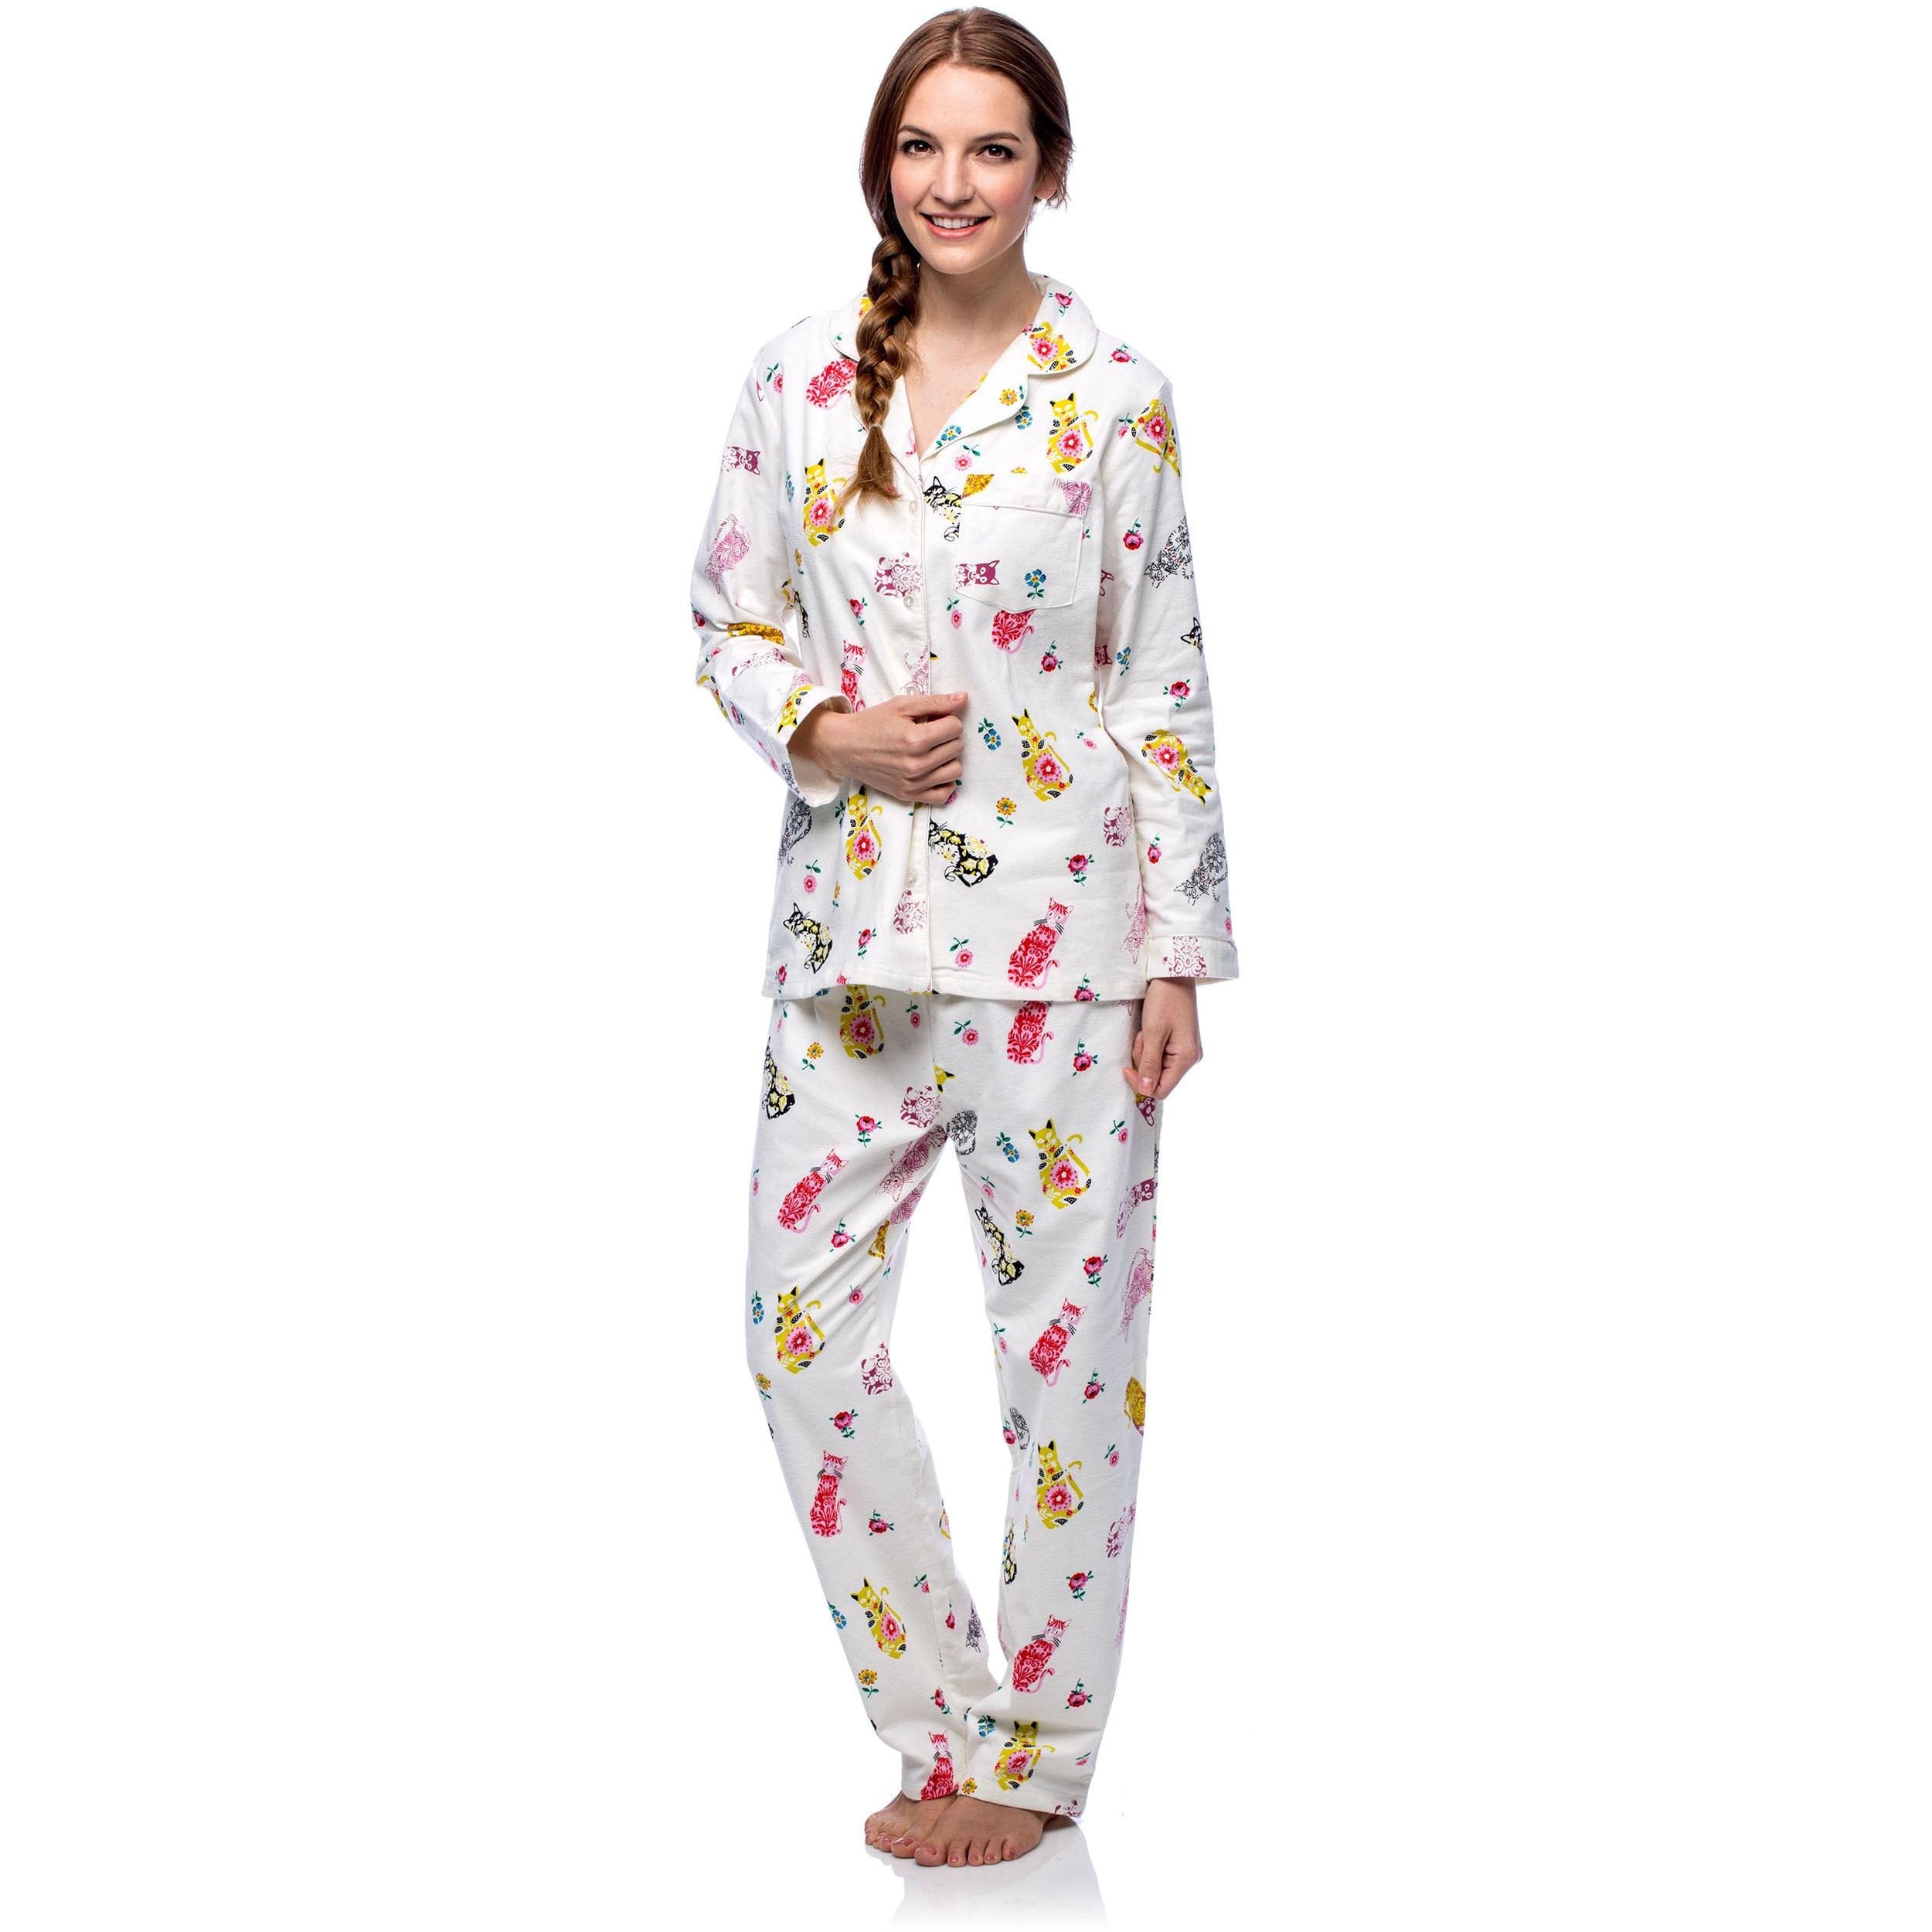 7a7b91c3e6 Details about La Cera Women s Cat Print Cotton Flannel Pajama Set